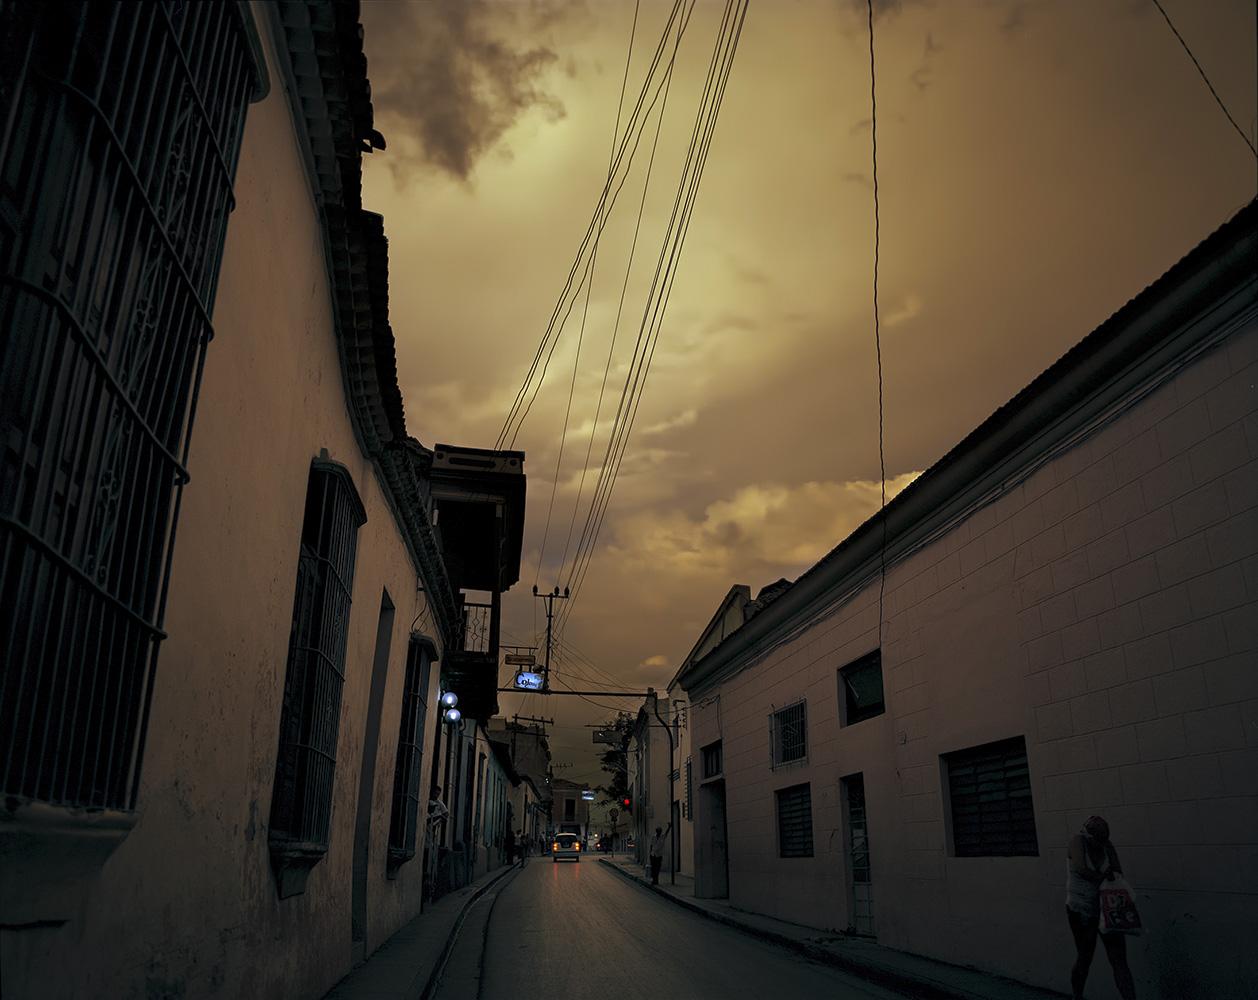 The city of Santiago de Cuba at dusk.